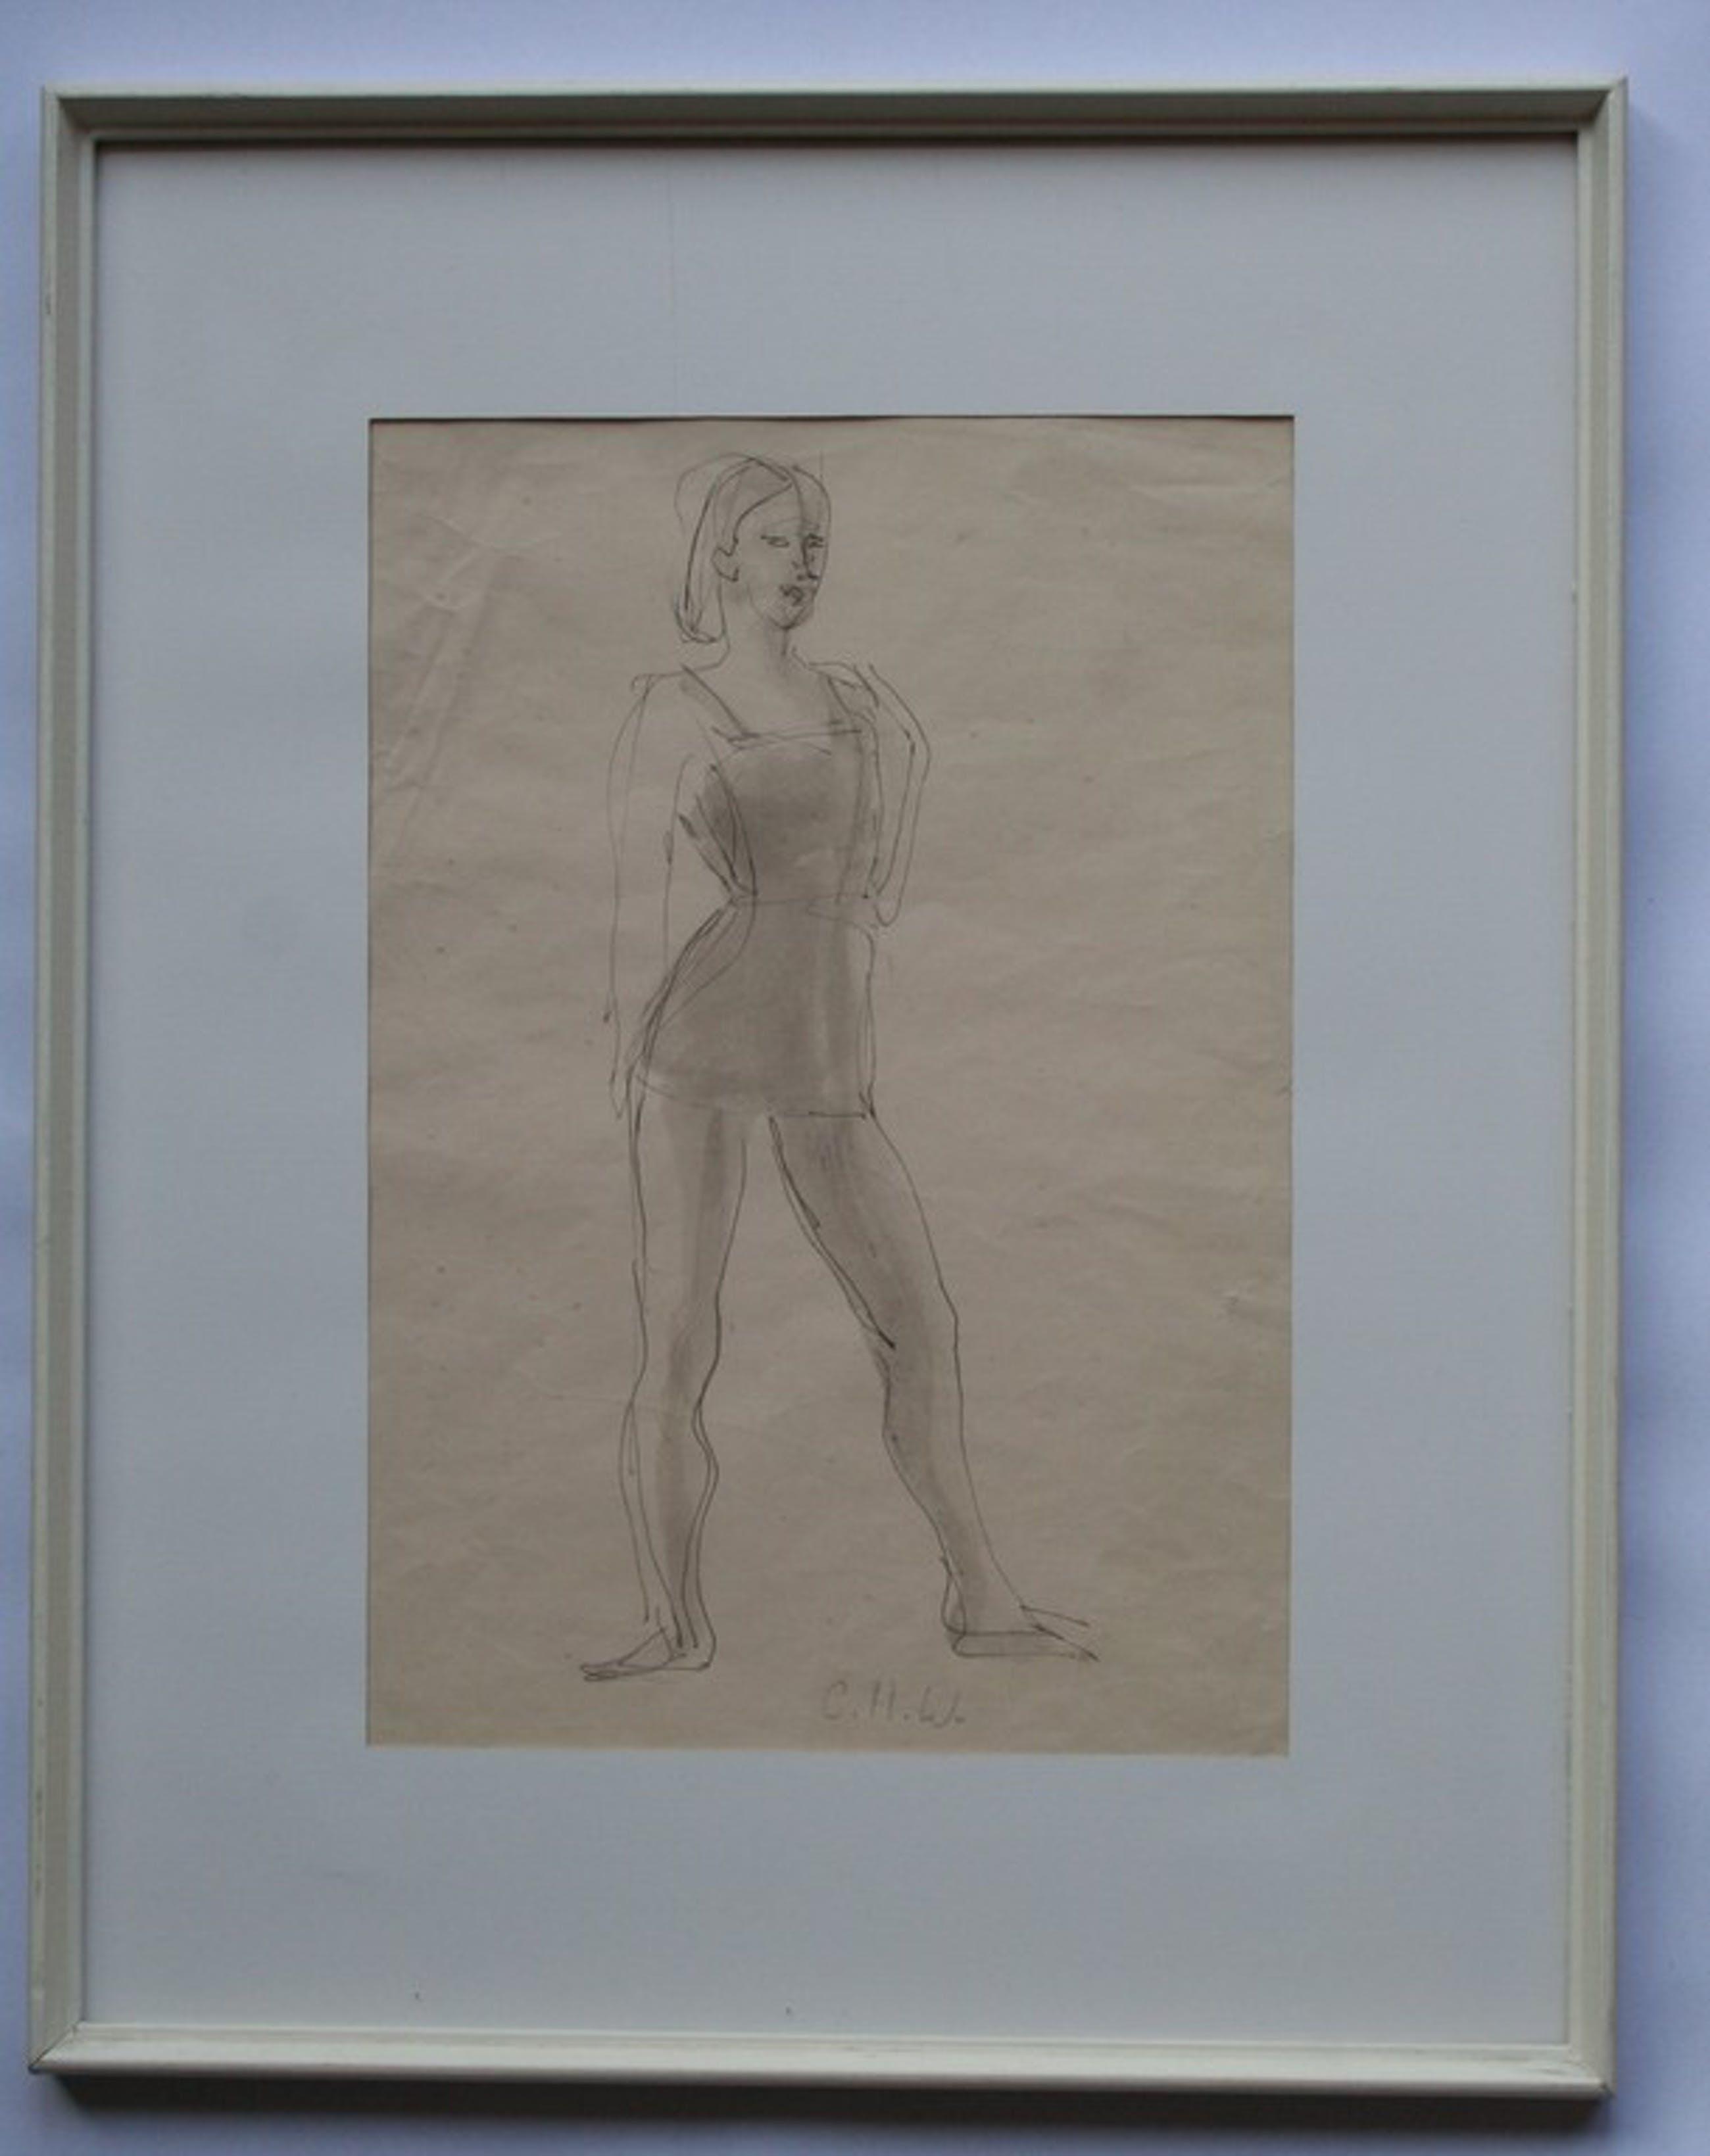 LAAGSTE PRIJS! Constance Wibaut - Inkt en aquarel - danseres - met monogram kopen? Bied vanaf 15!